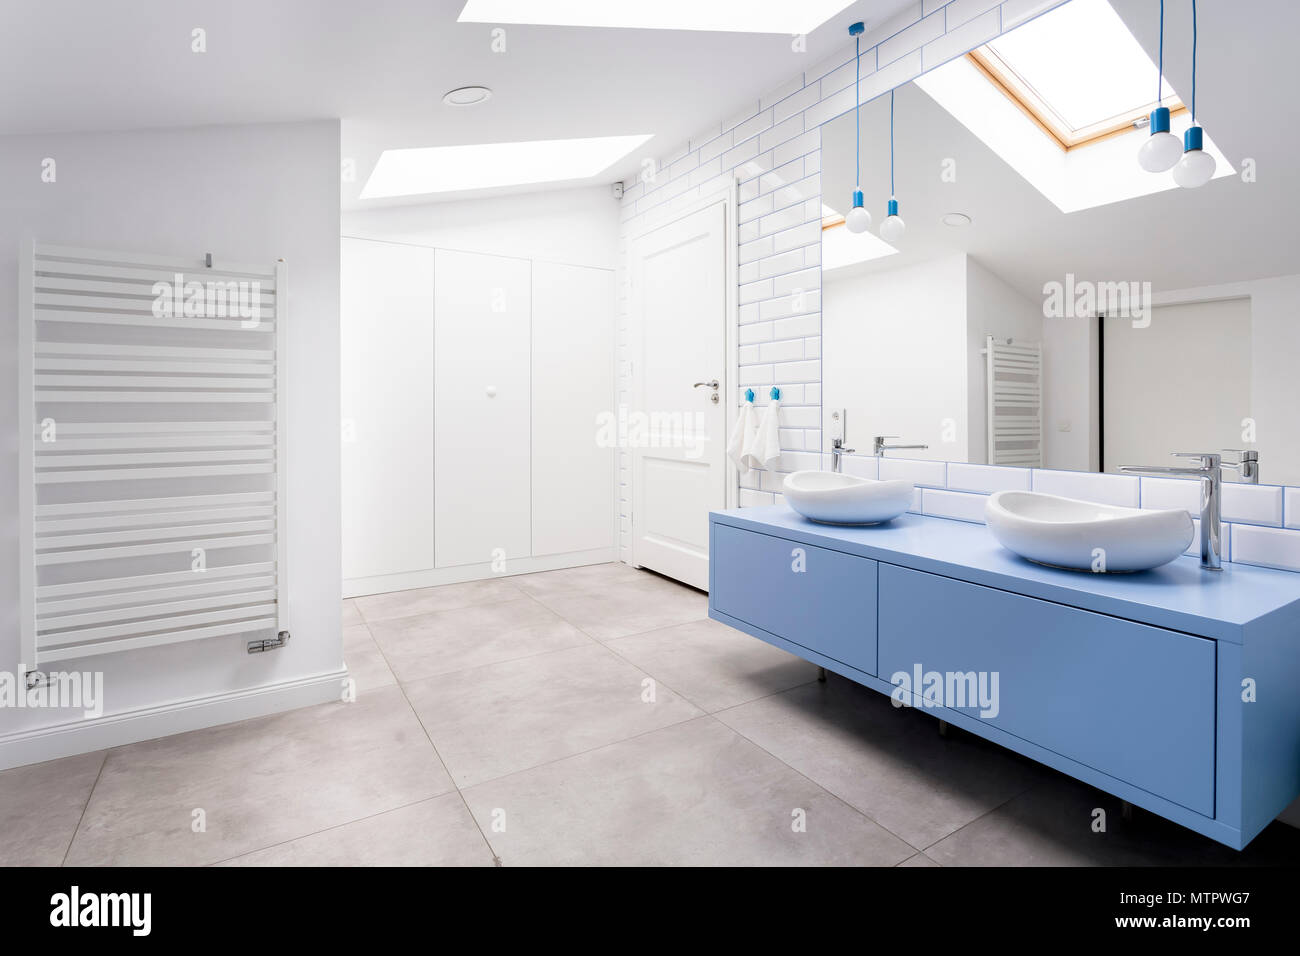 Gemutliche Dachgeschoss Badezimmer Mit Grau Blau Waschkommode Und